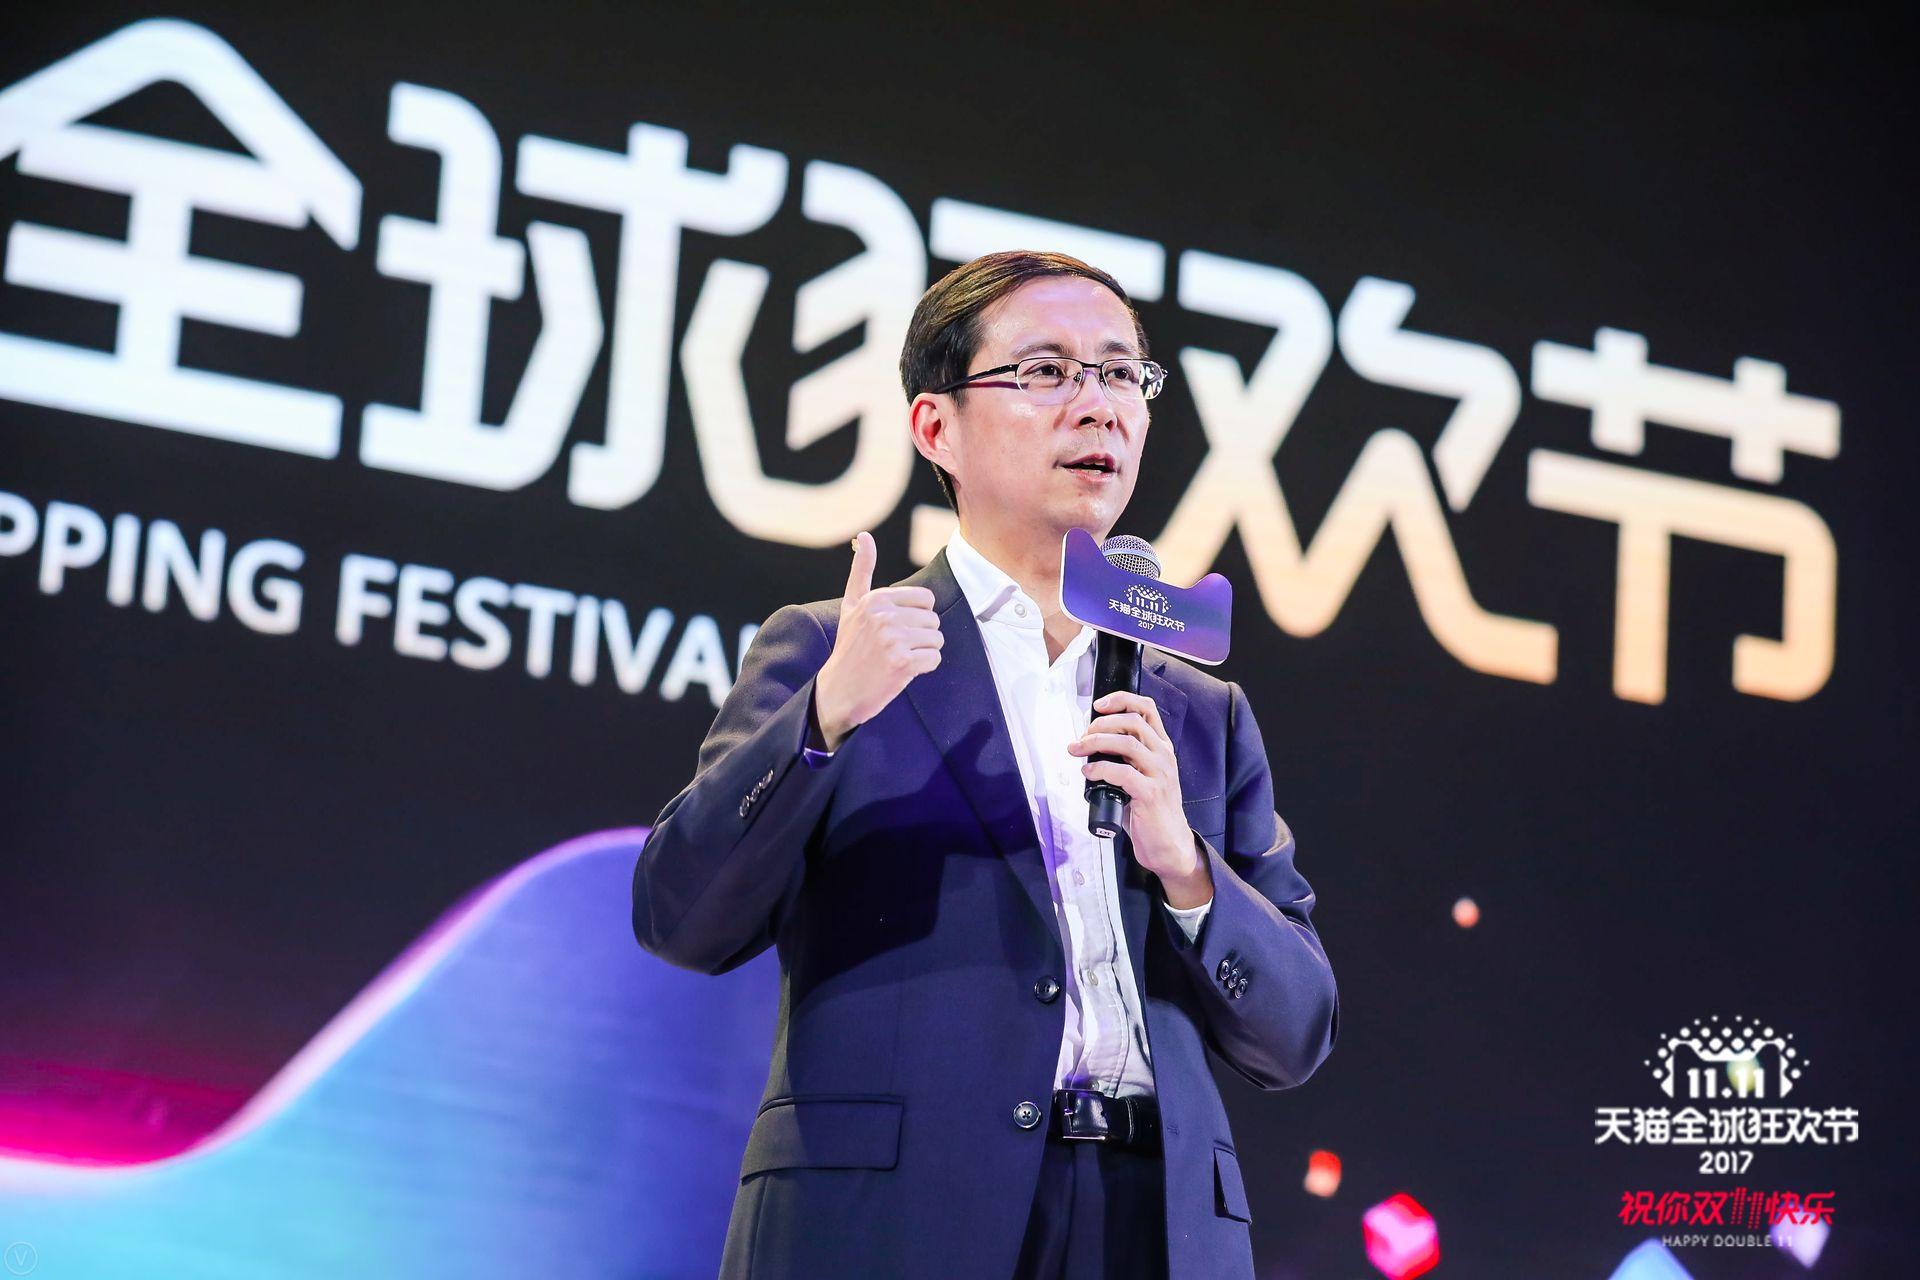 阿里CEO张勇:第炭峰战技九年的双11是全球所有人的共振_科技